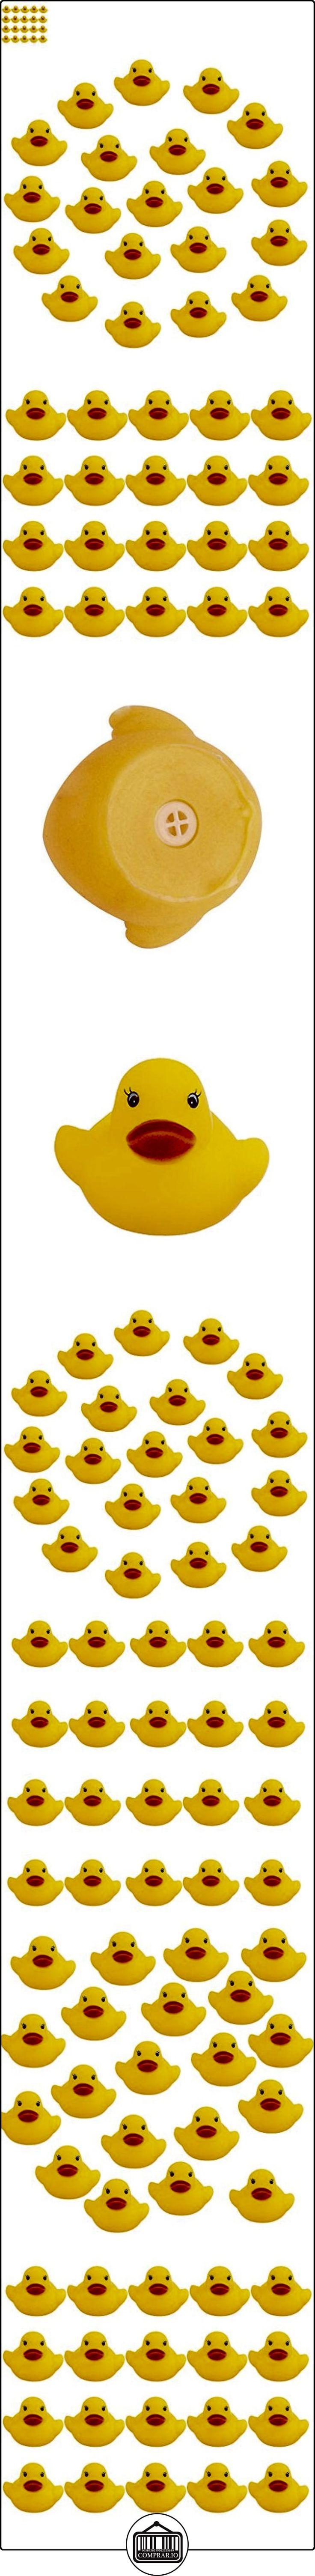 20 Piezas Juegos Infantiles de Baño Goma Chirriante Pato Amarillo Bebés Niños  ✿ Seguridad para tu bebé - (Protege a tus hijos) ✿ ▬► Ver oferta: http://comprar.io/goto/B01LA7TNGI